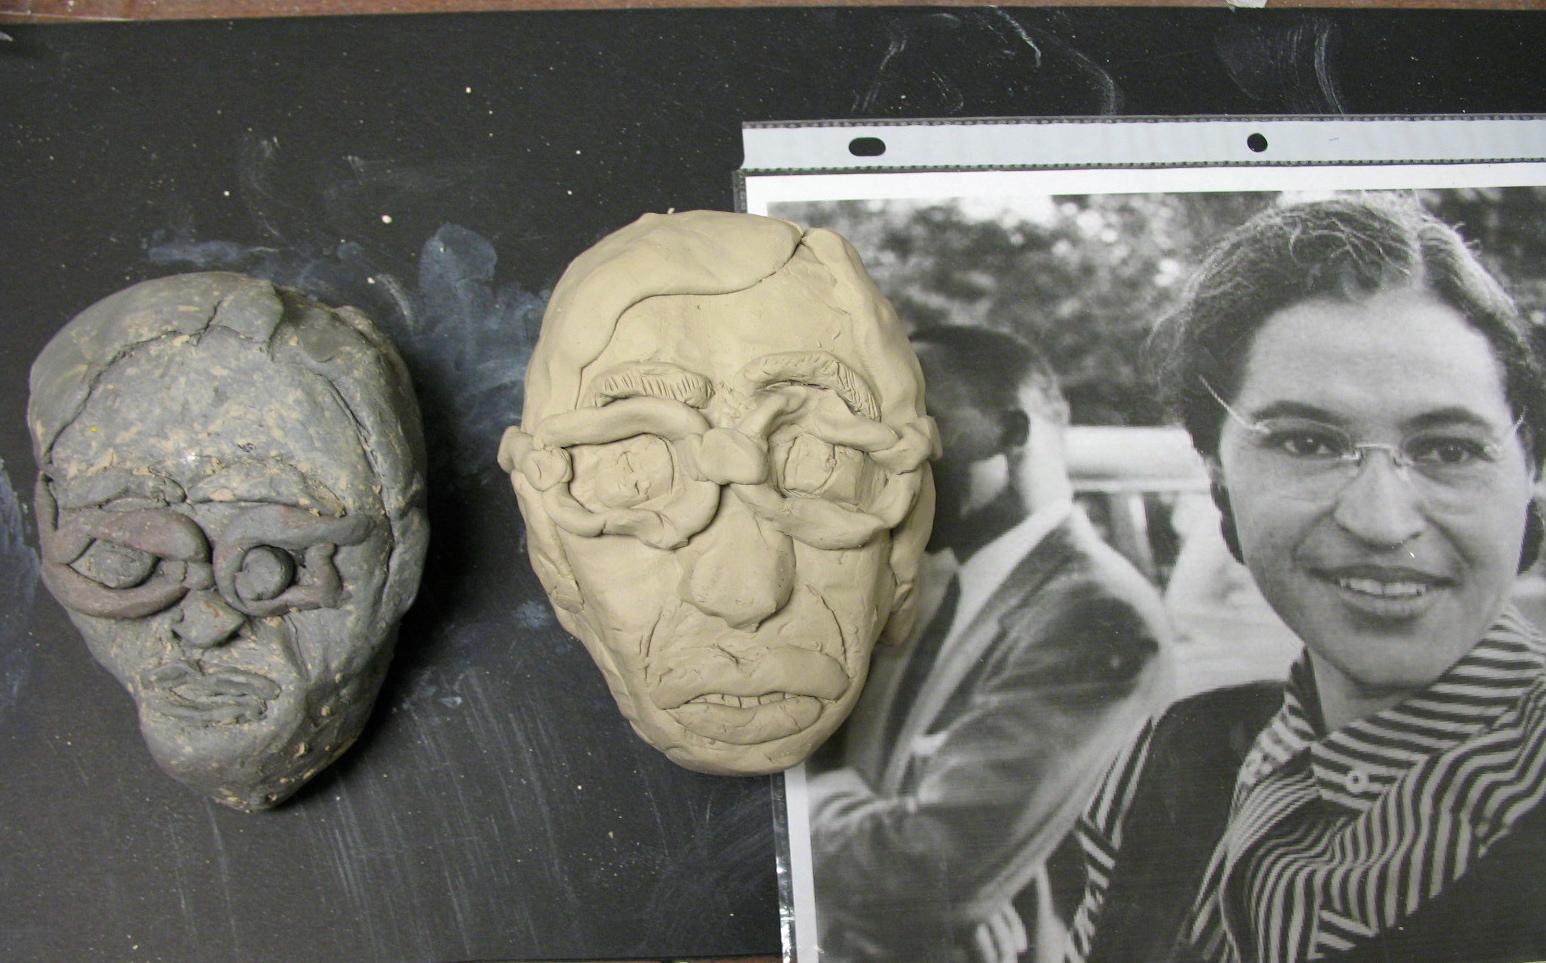 Coonley Art Studio 3 Day Portrait Sculpture Challenge